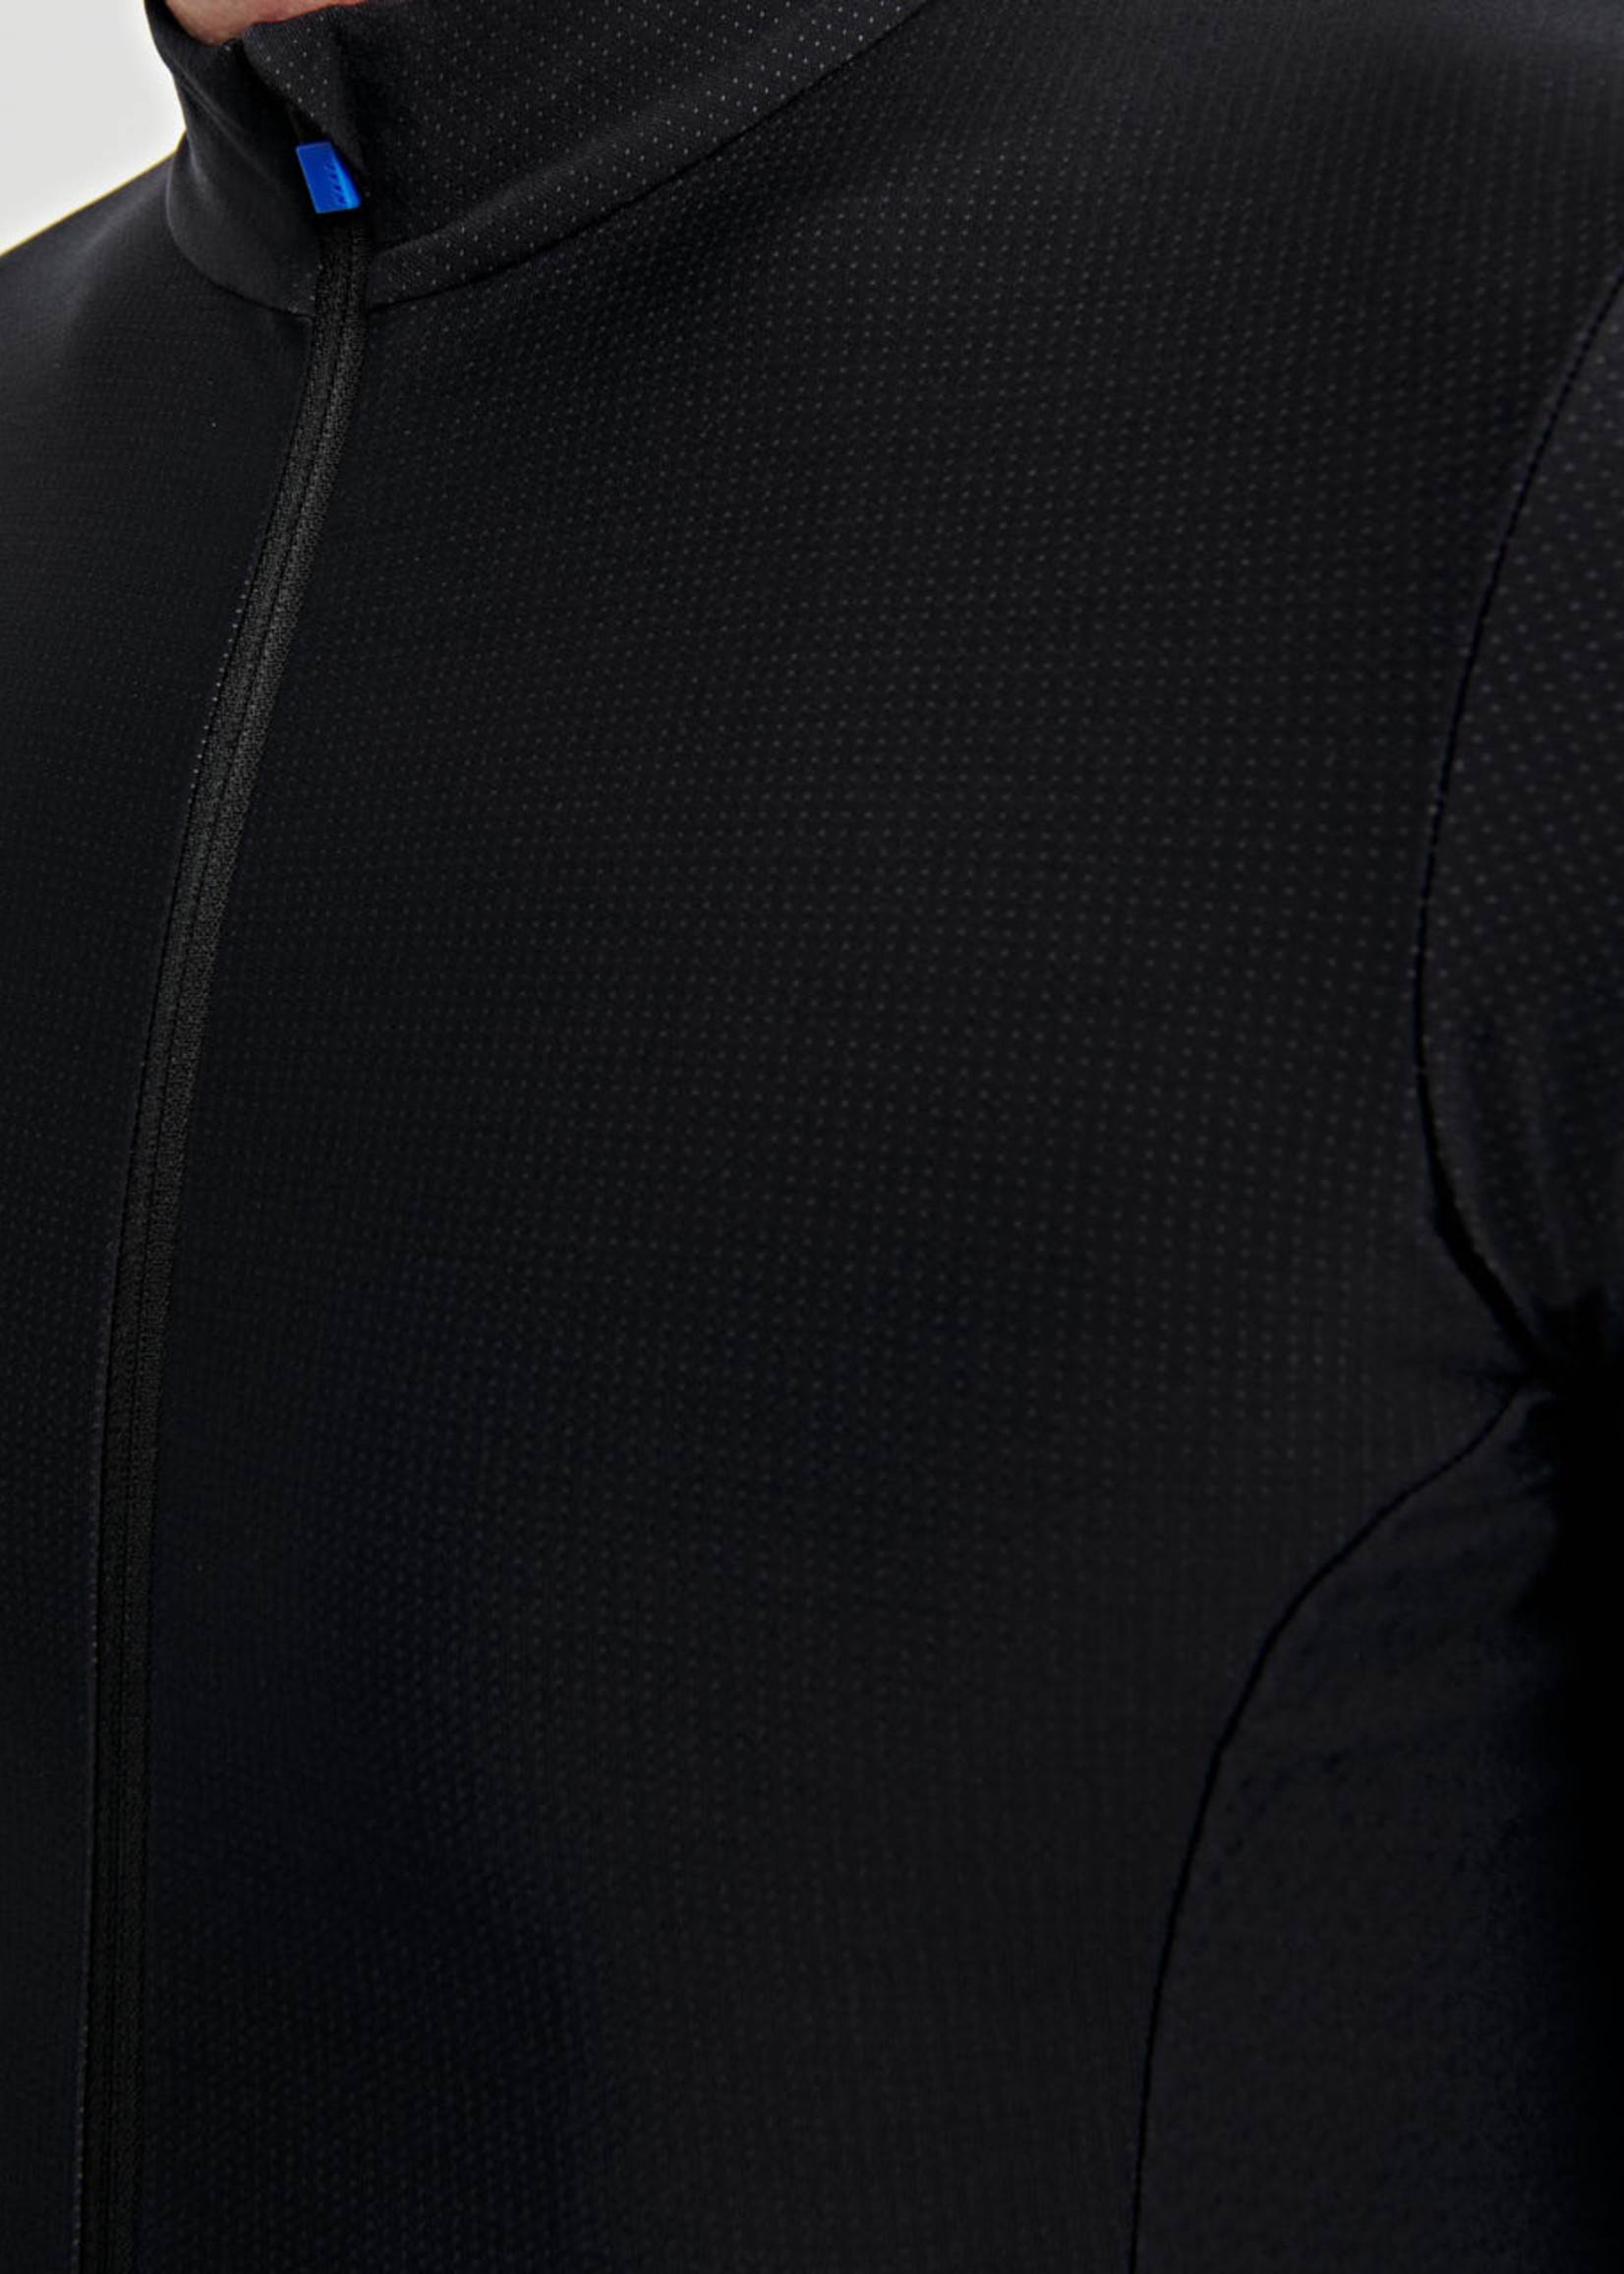 Maap Force Pro Winter - Wielertrui Lange Mouwen - Zwart